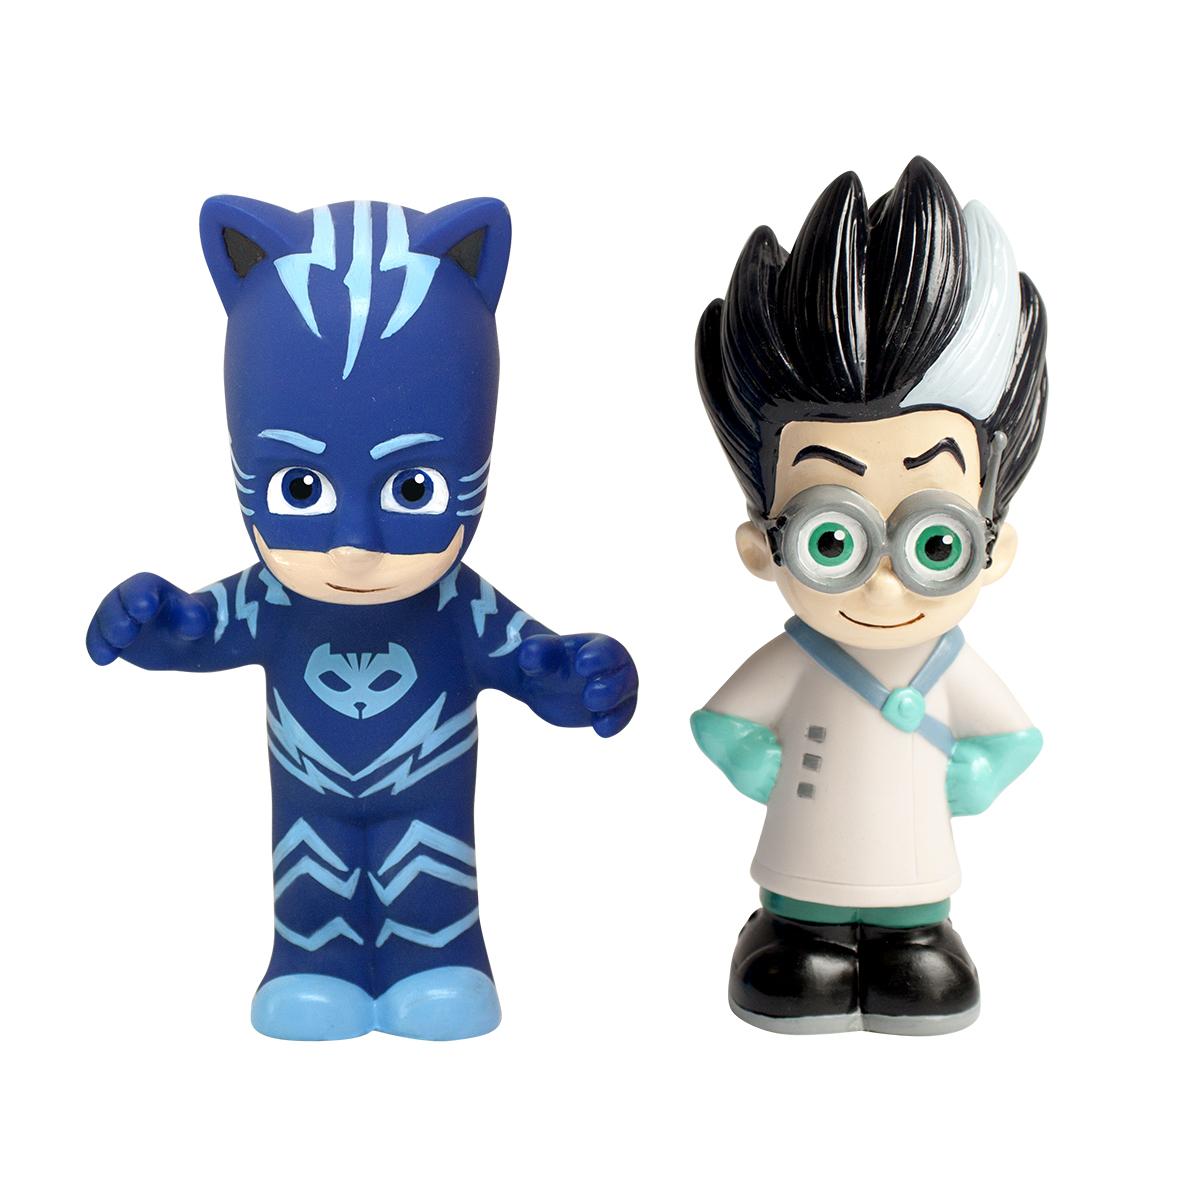 Игрушки для ванны PJ Masks Игровой набор Кэтбой и Ромео игрушки для ванны pj masks игровой набор кэтбой и ромео